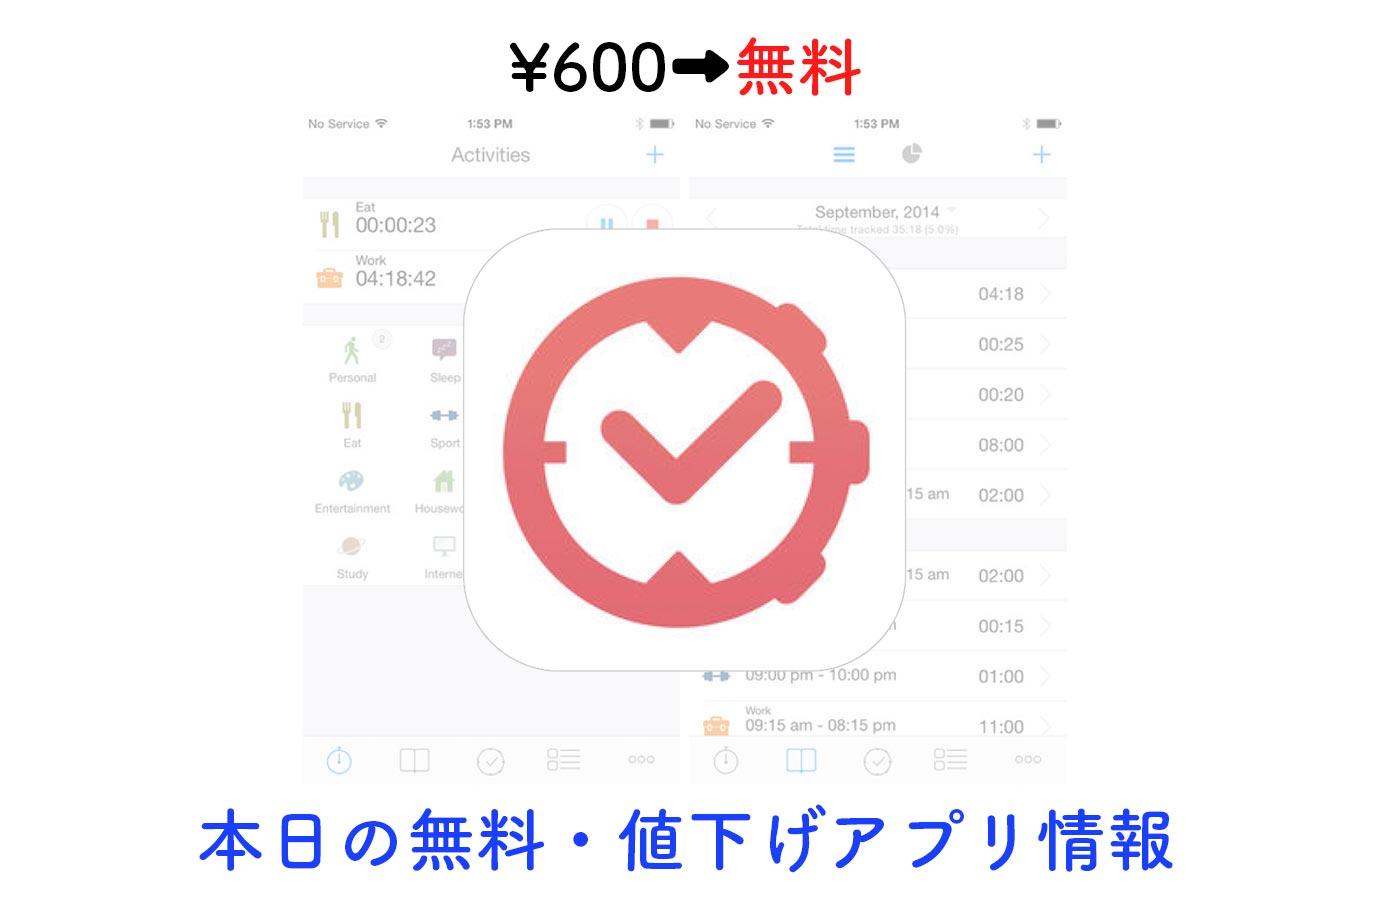 ¥600→無料、毎日の行動が記録できるライフログアプリ「aTimeLogger 2」など【12/22】本日の無料・値下げアプリ情報